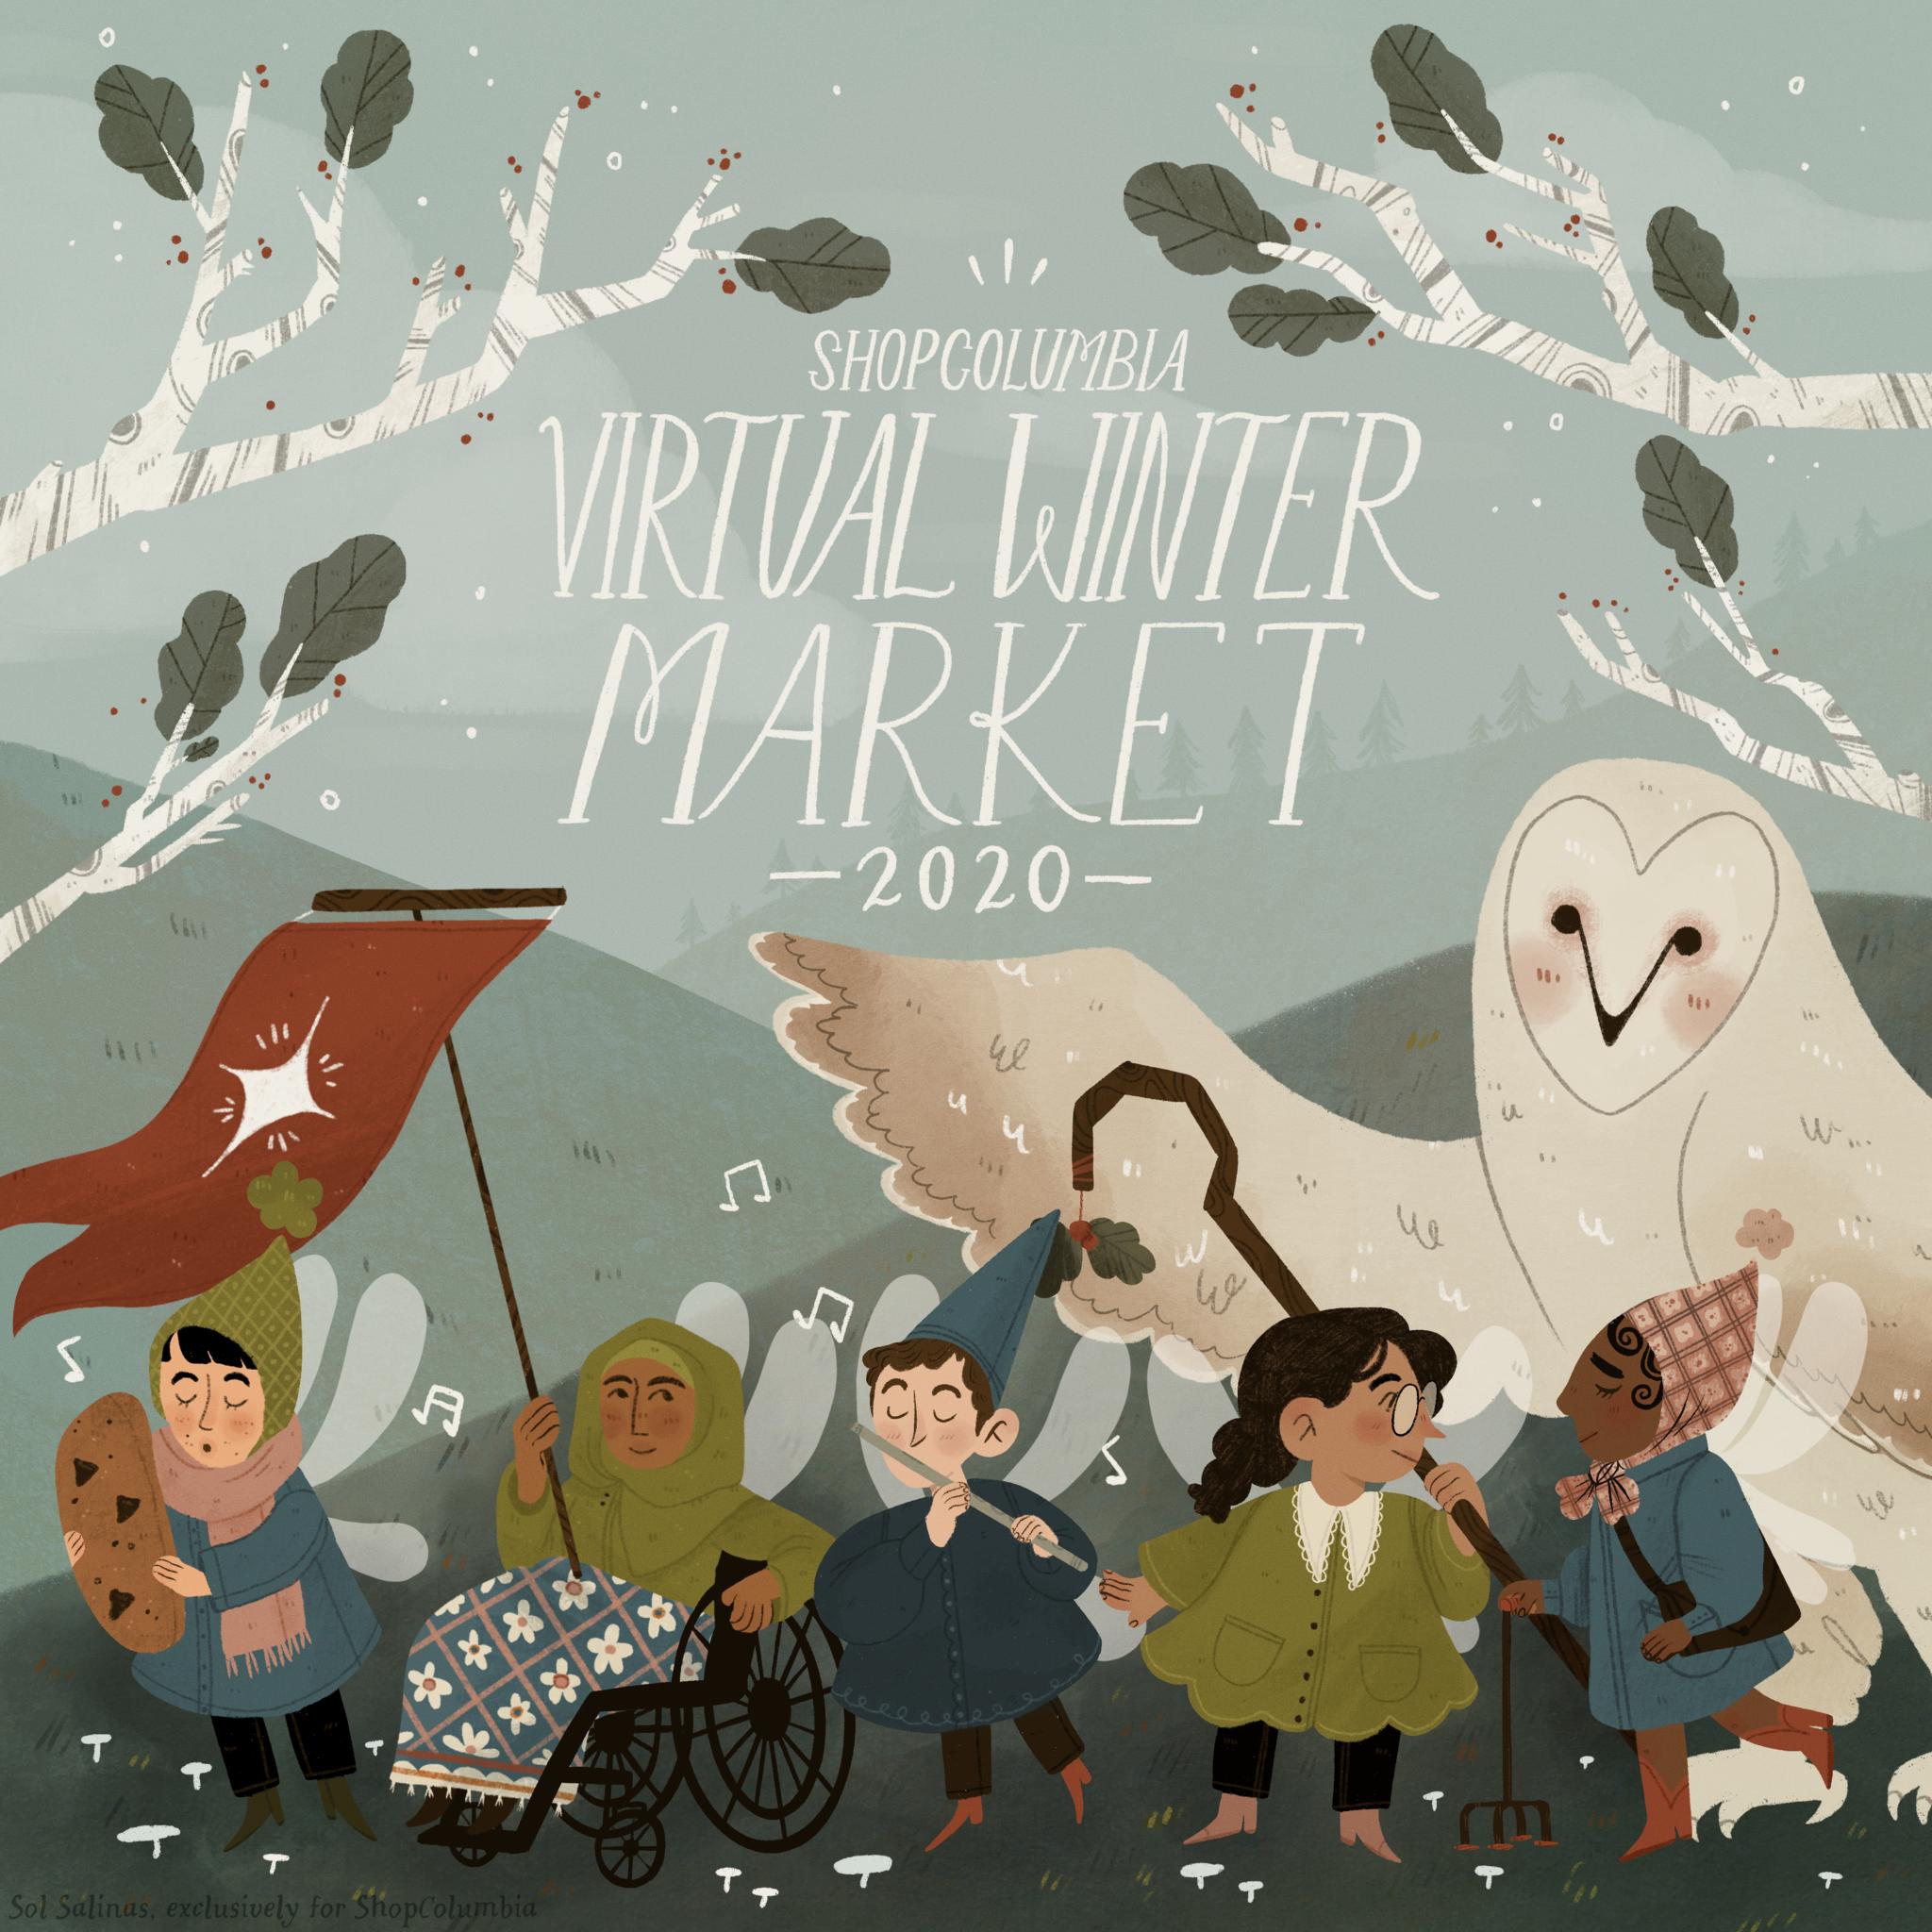 Holiday Market Illustrator: Sol Salinas